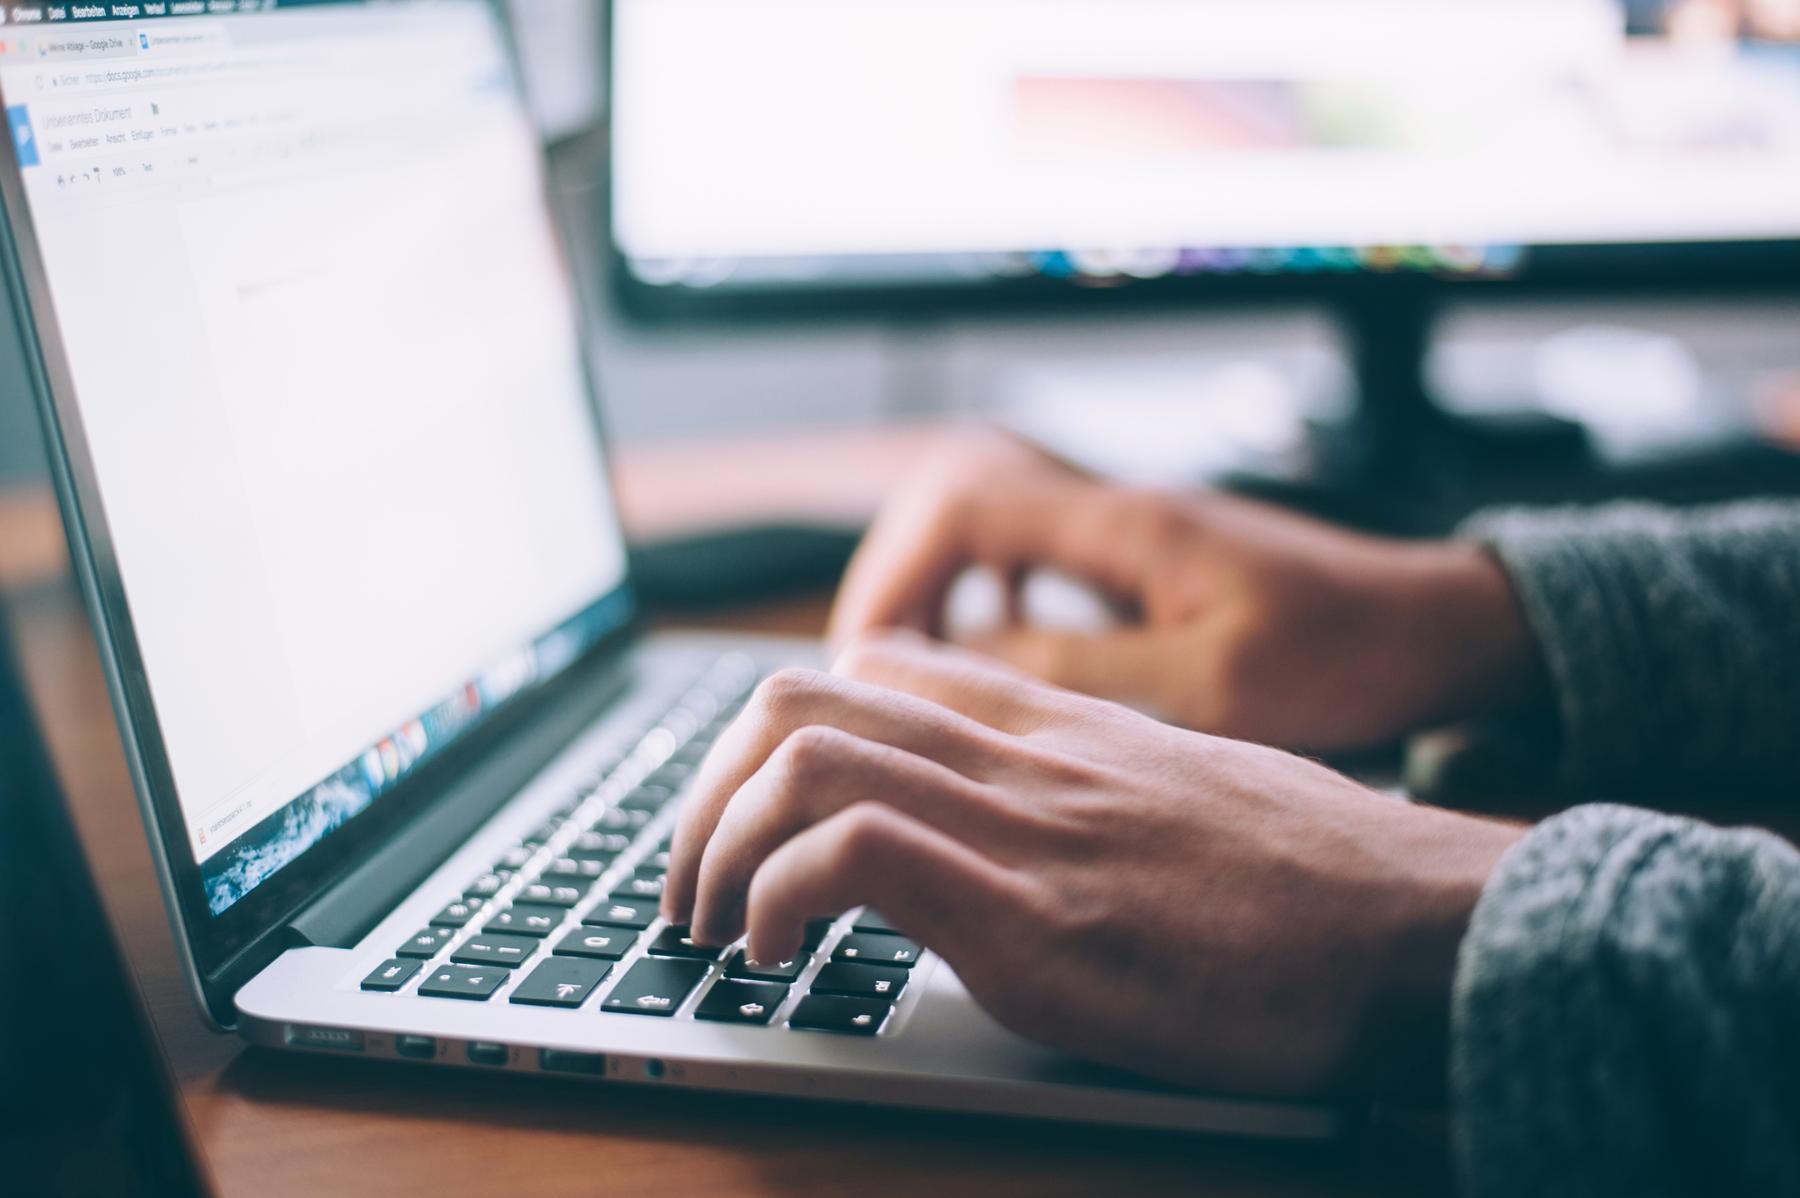 Mann tippt am Laptop - man sieht nur die Hände und den Bildschirm